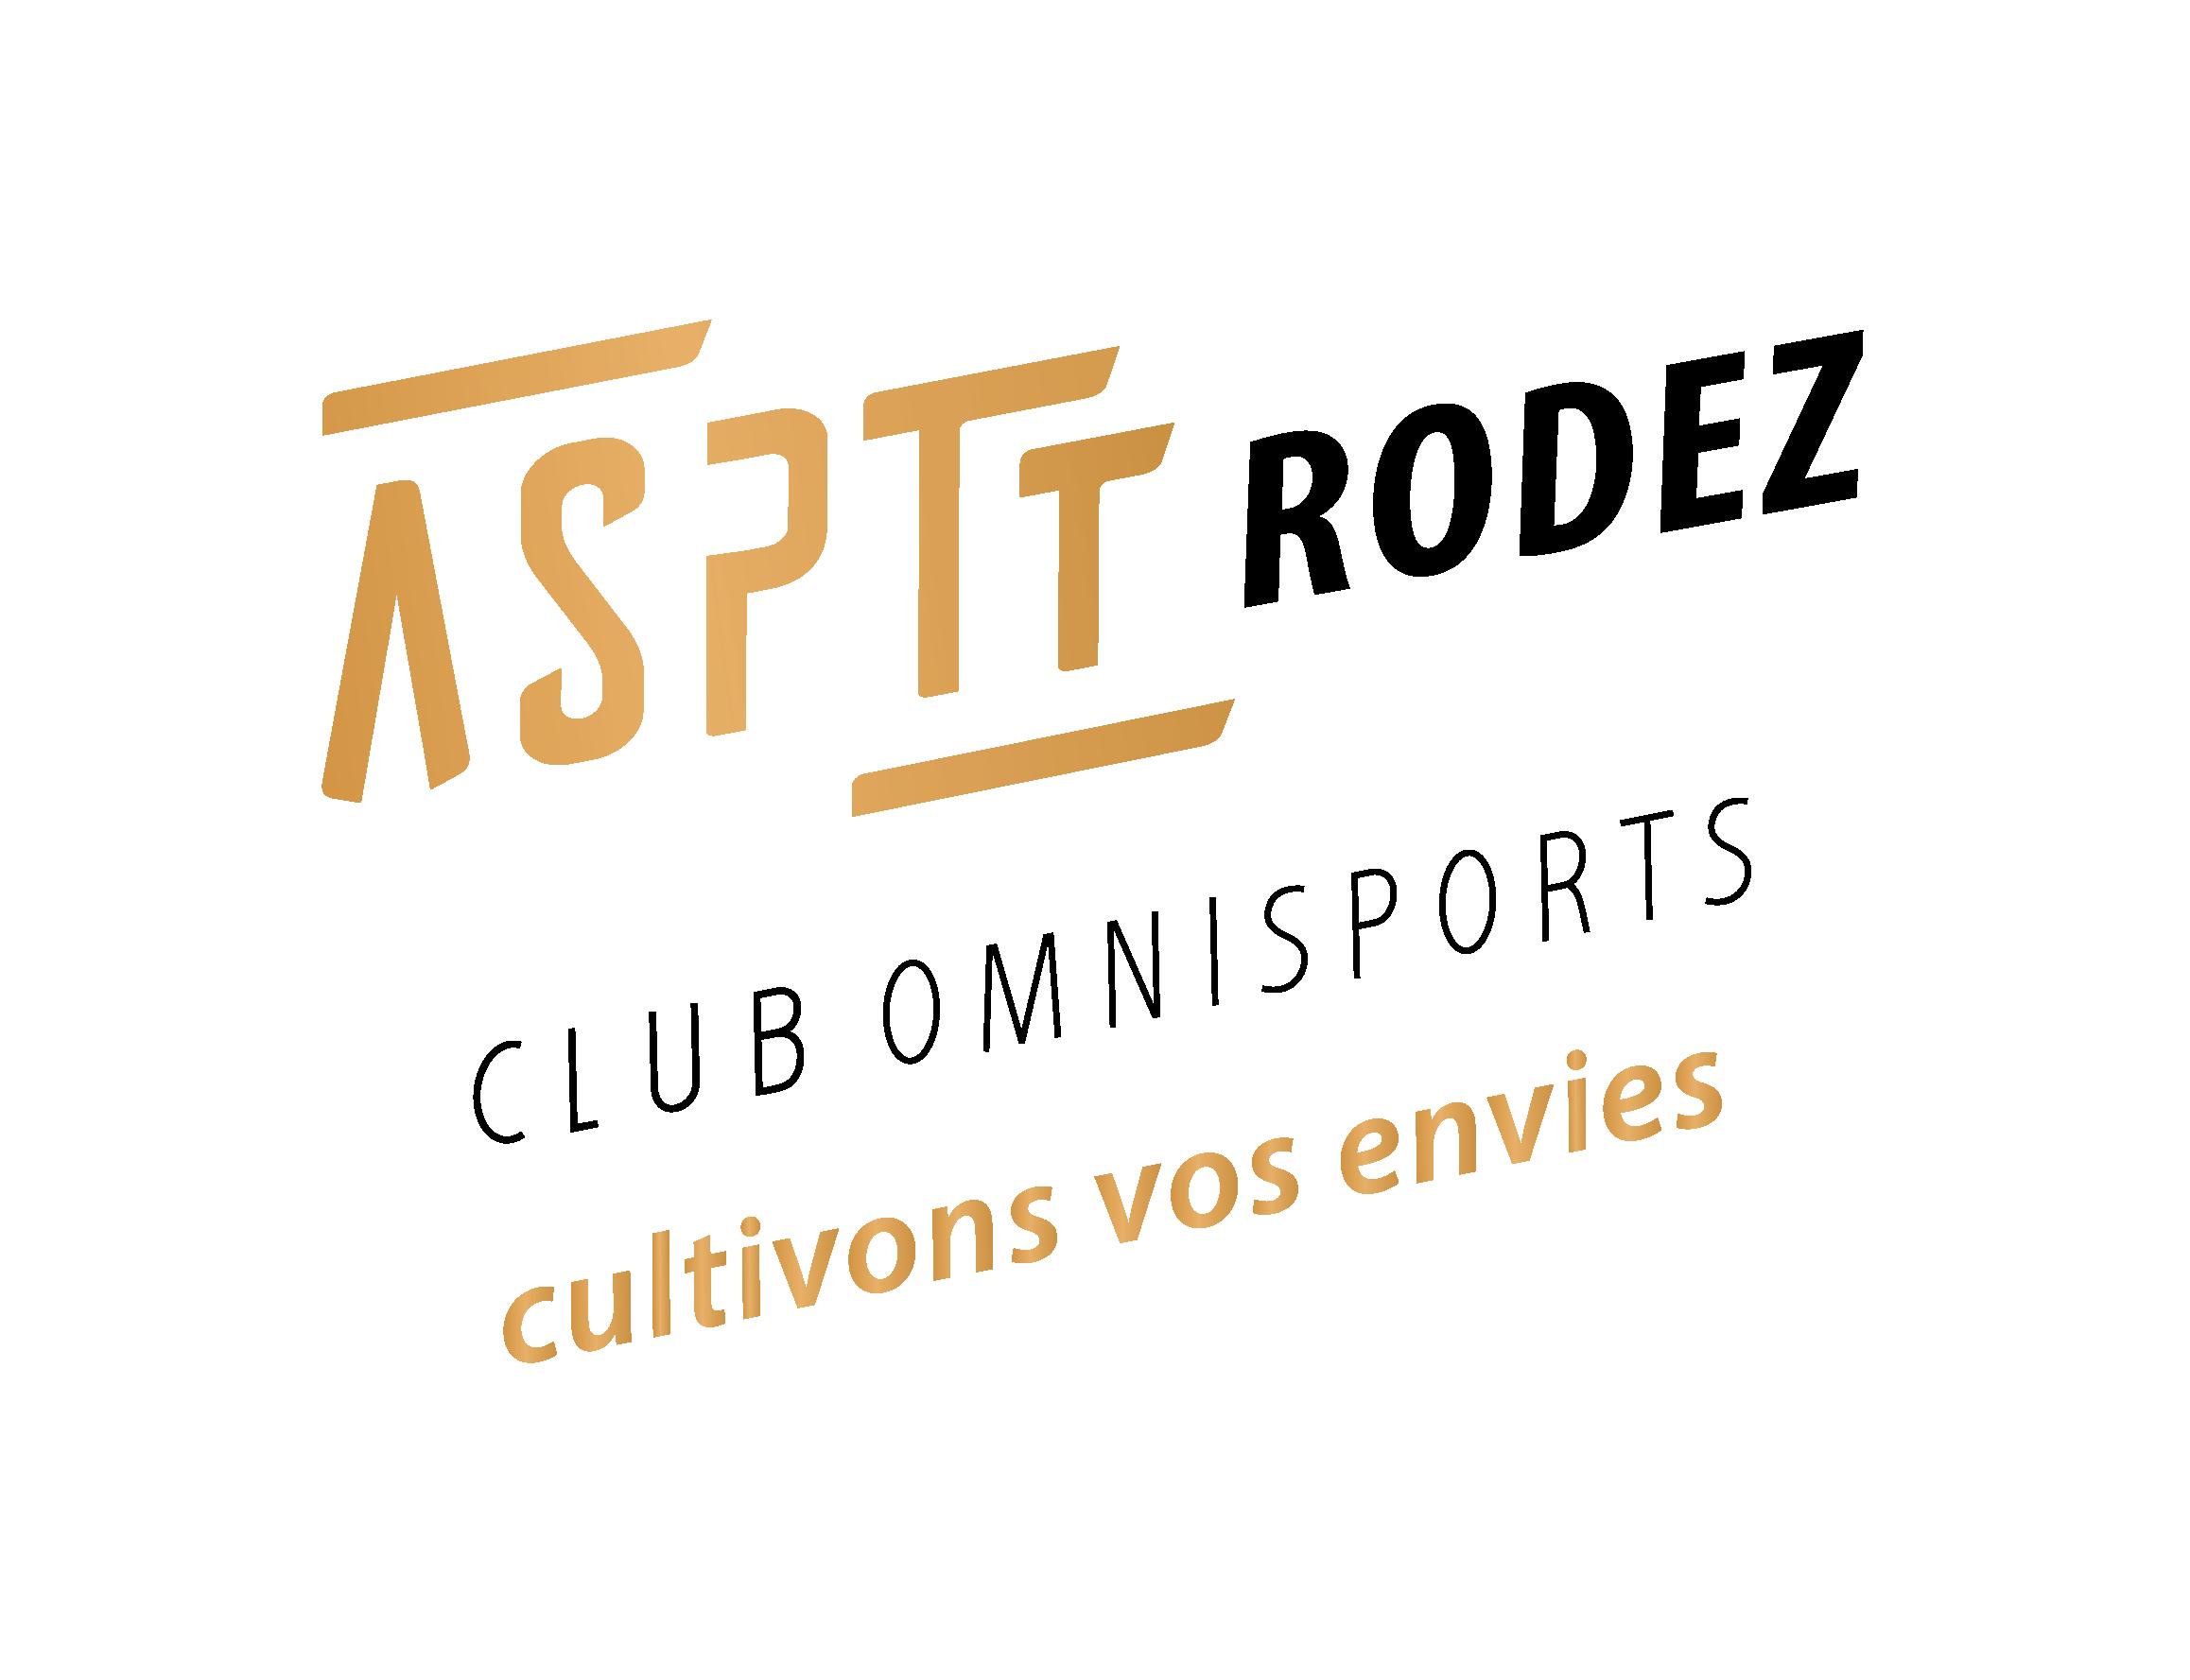 1 club : 20 activités, ensemble, #CultivonsVosEnvies